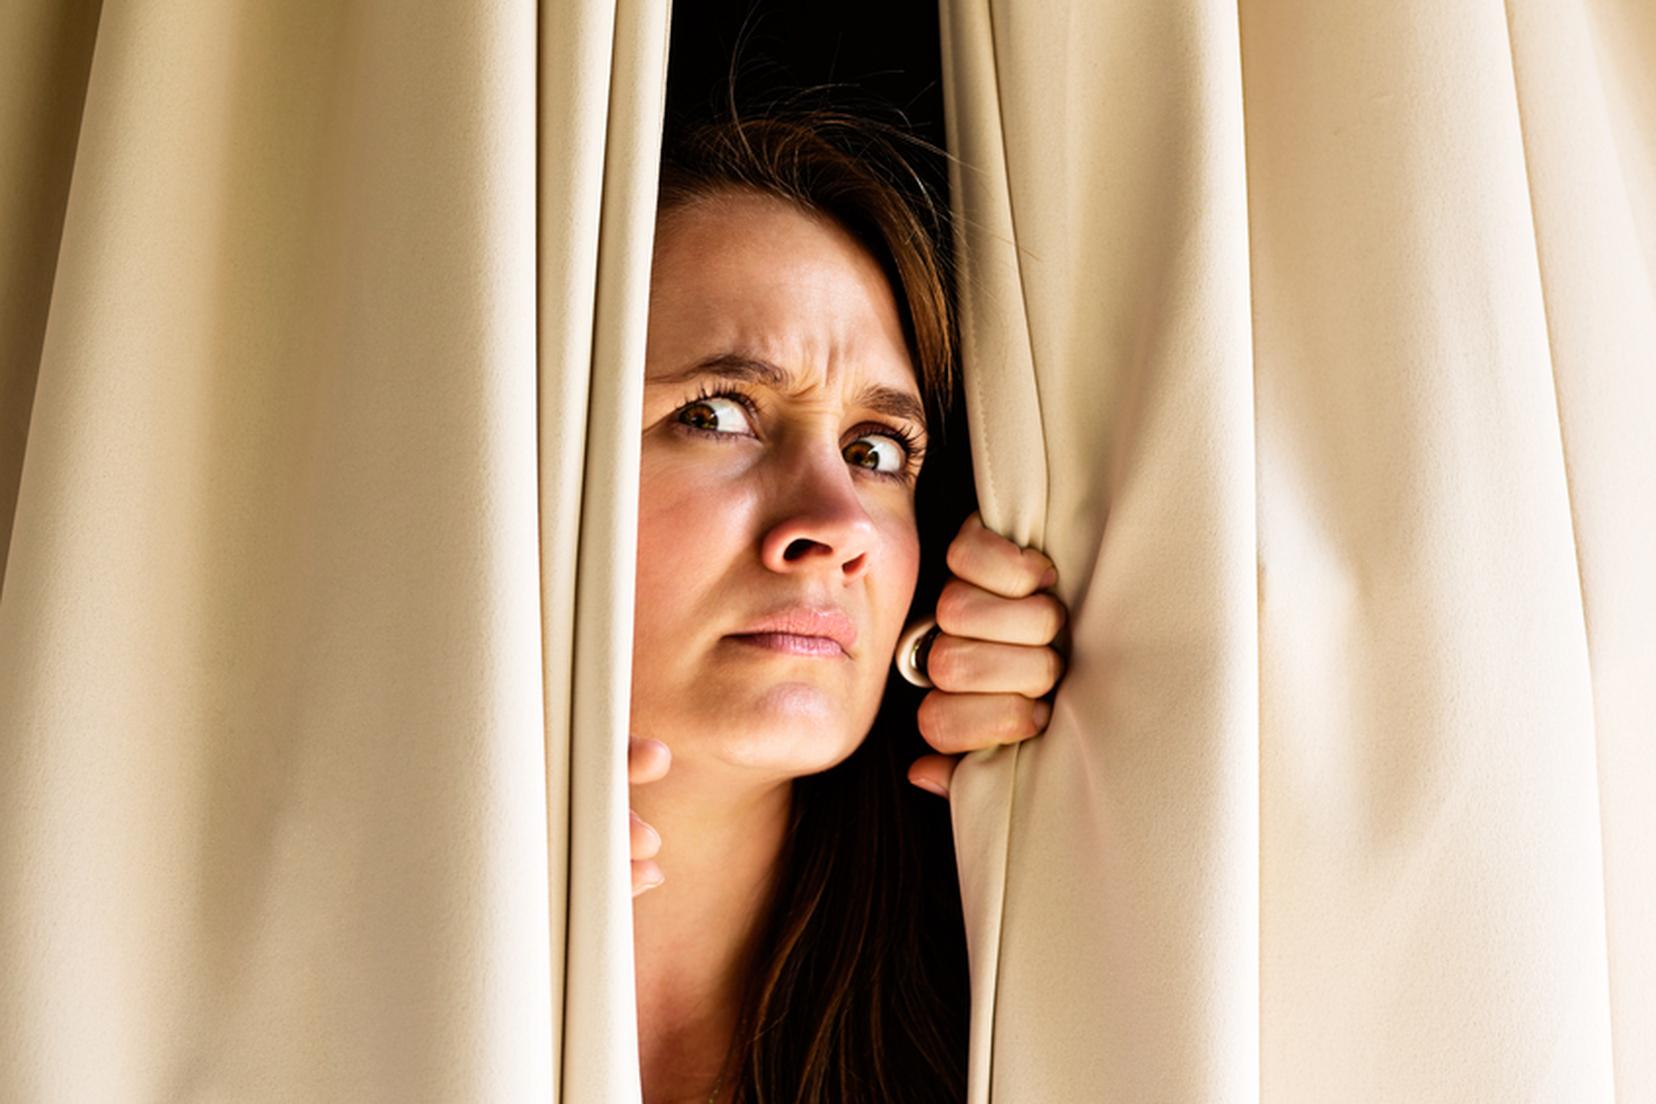 Симптомы агорафобии: лечение боязни открытого пространства и открытых дверей